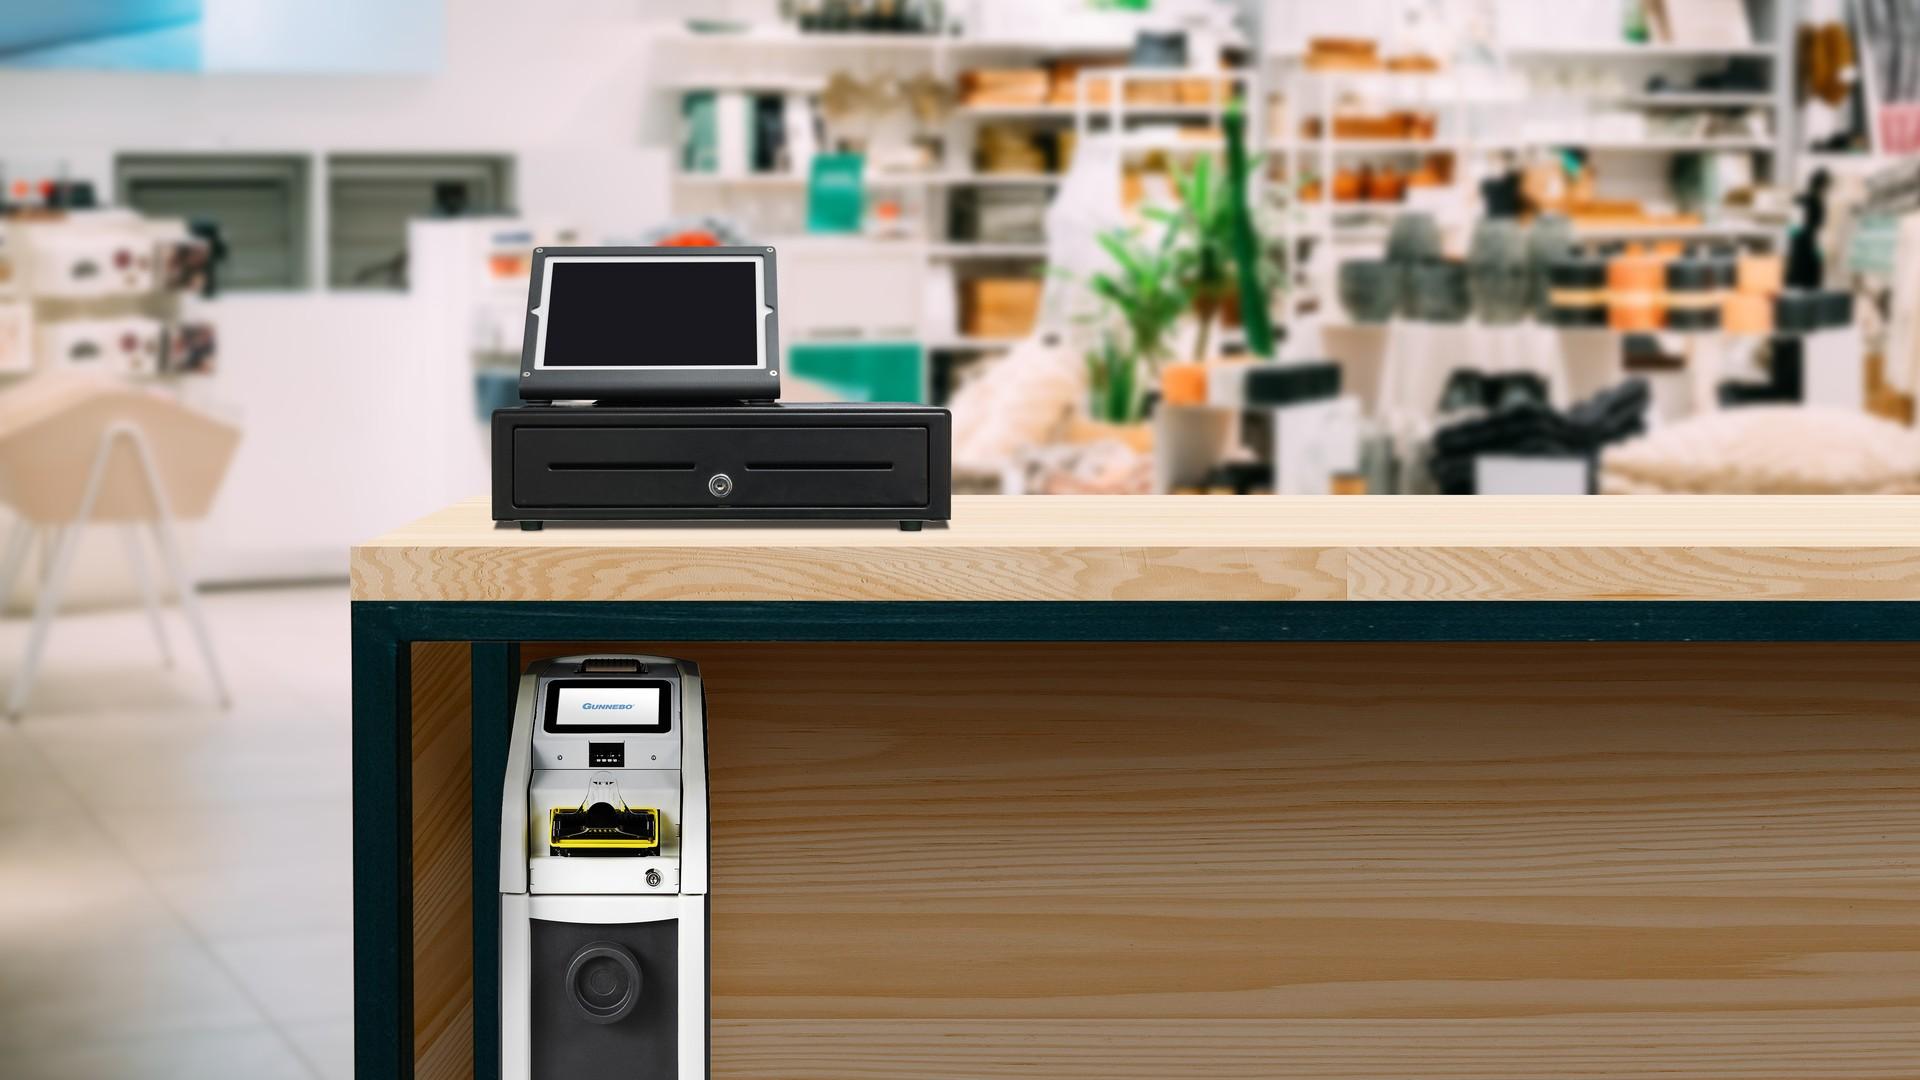 Cash-handling-retail-Cash-deposit-16-9